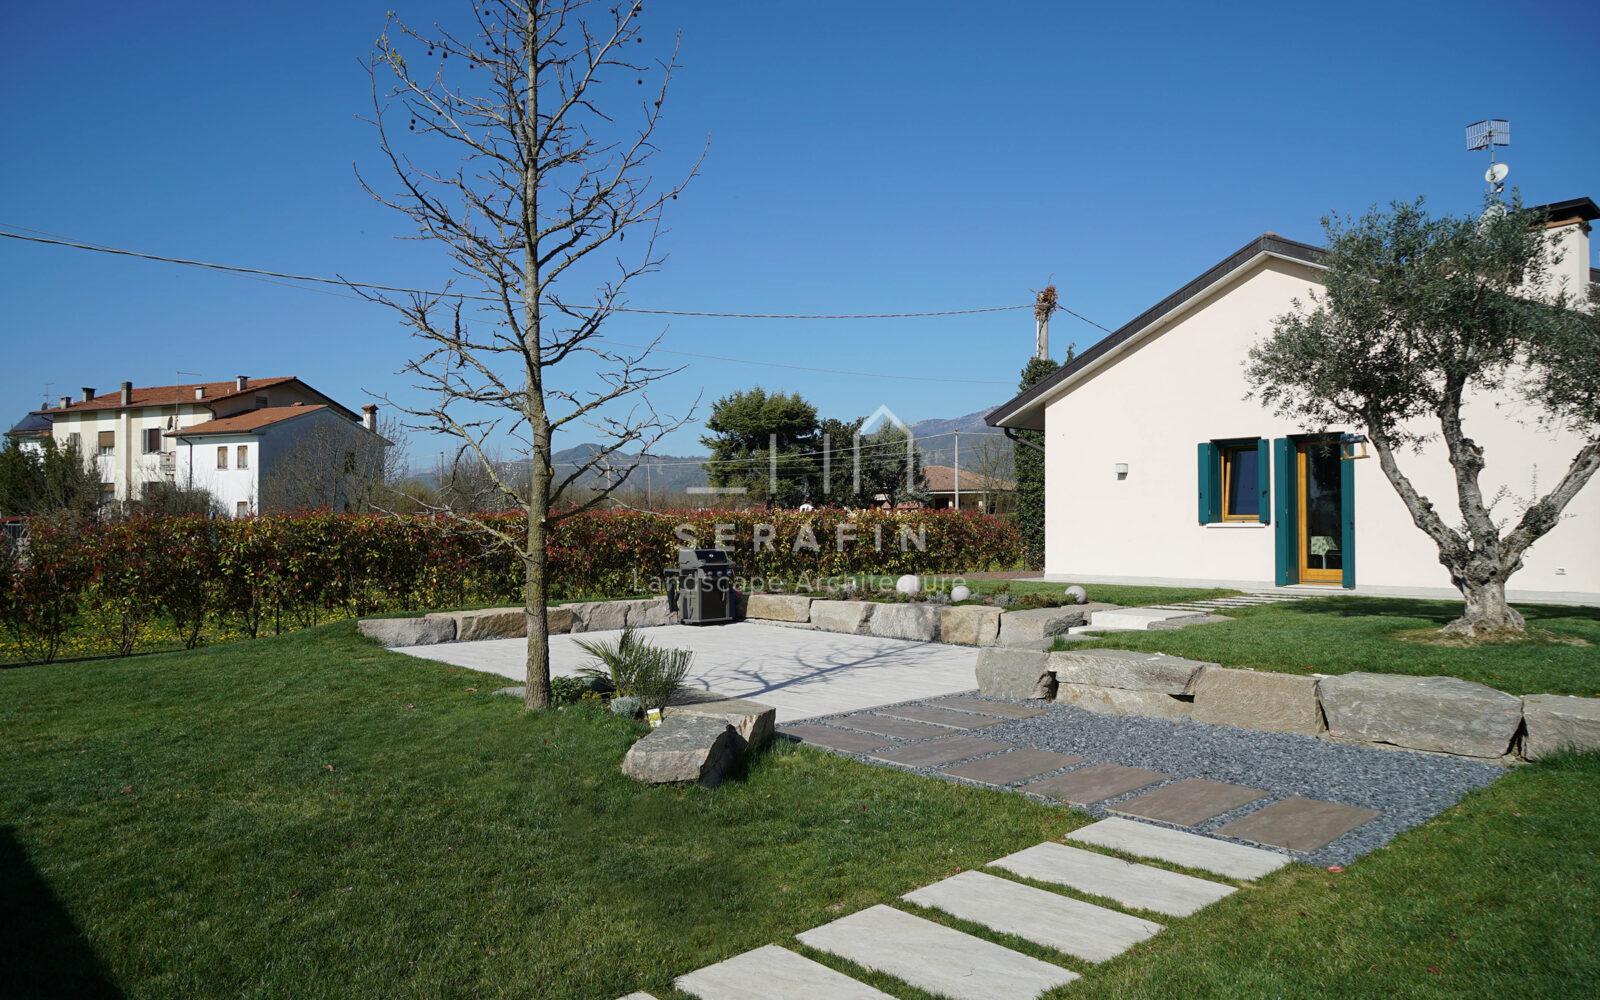 progetto giardino privato moderno a Vittorio Veneto - 2